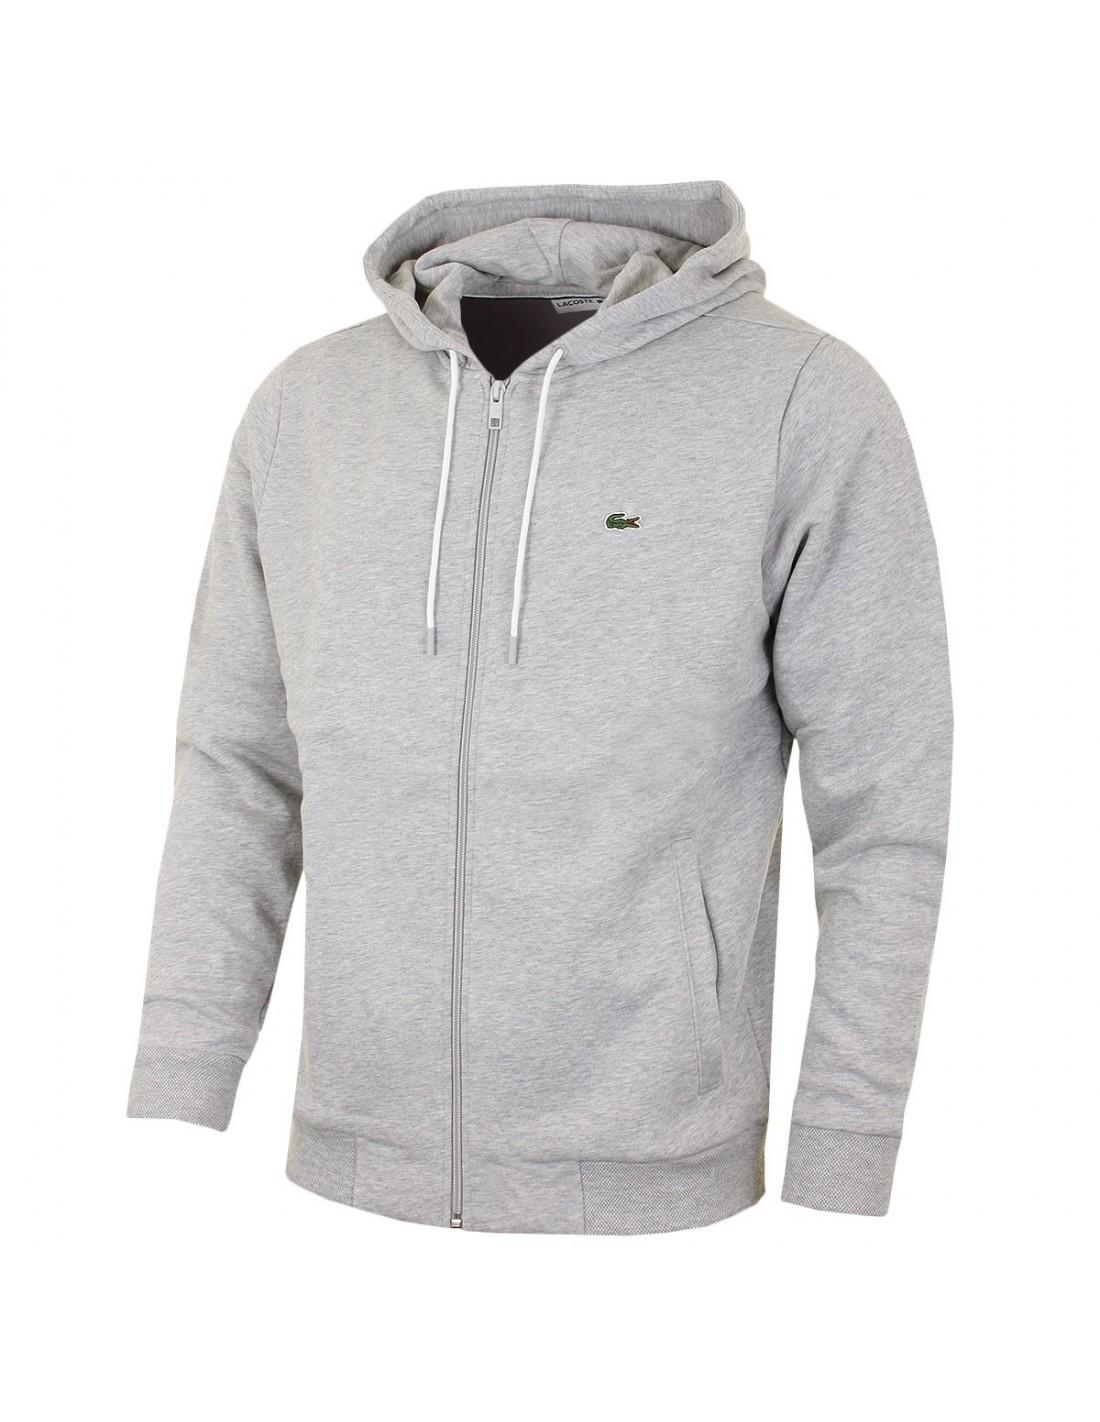 2e999a4e53 Sweatshirt Lacoste Men Argent Chine